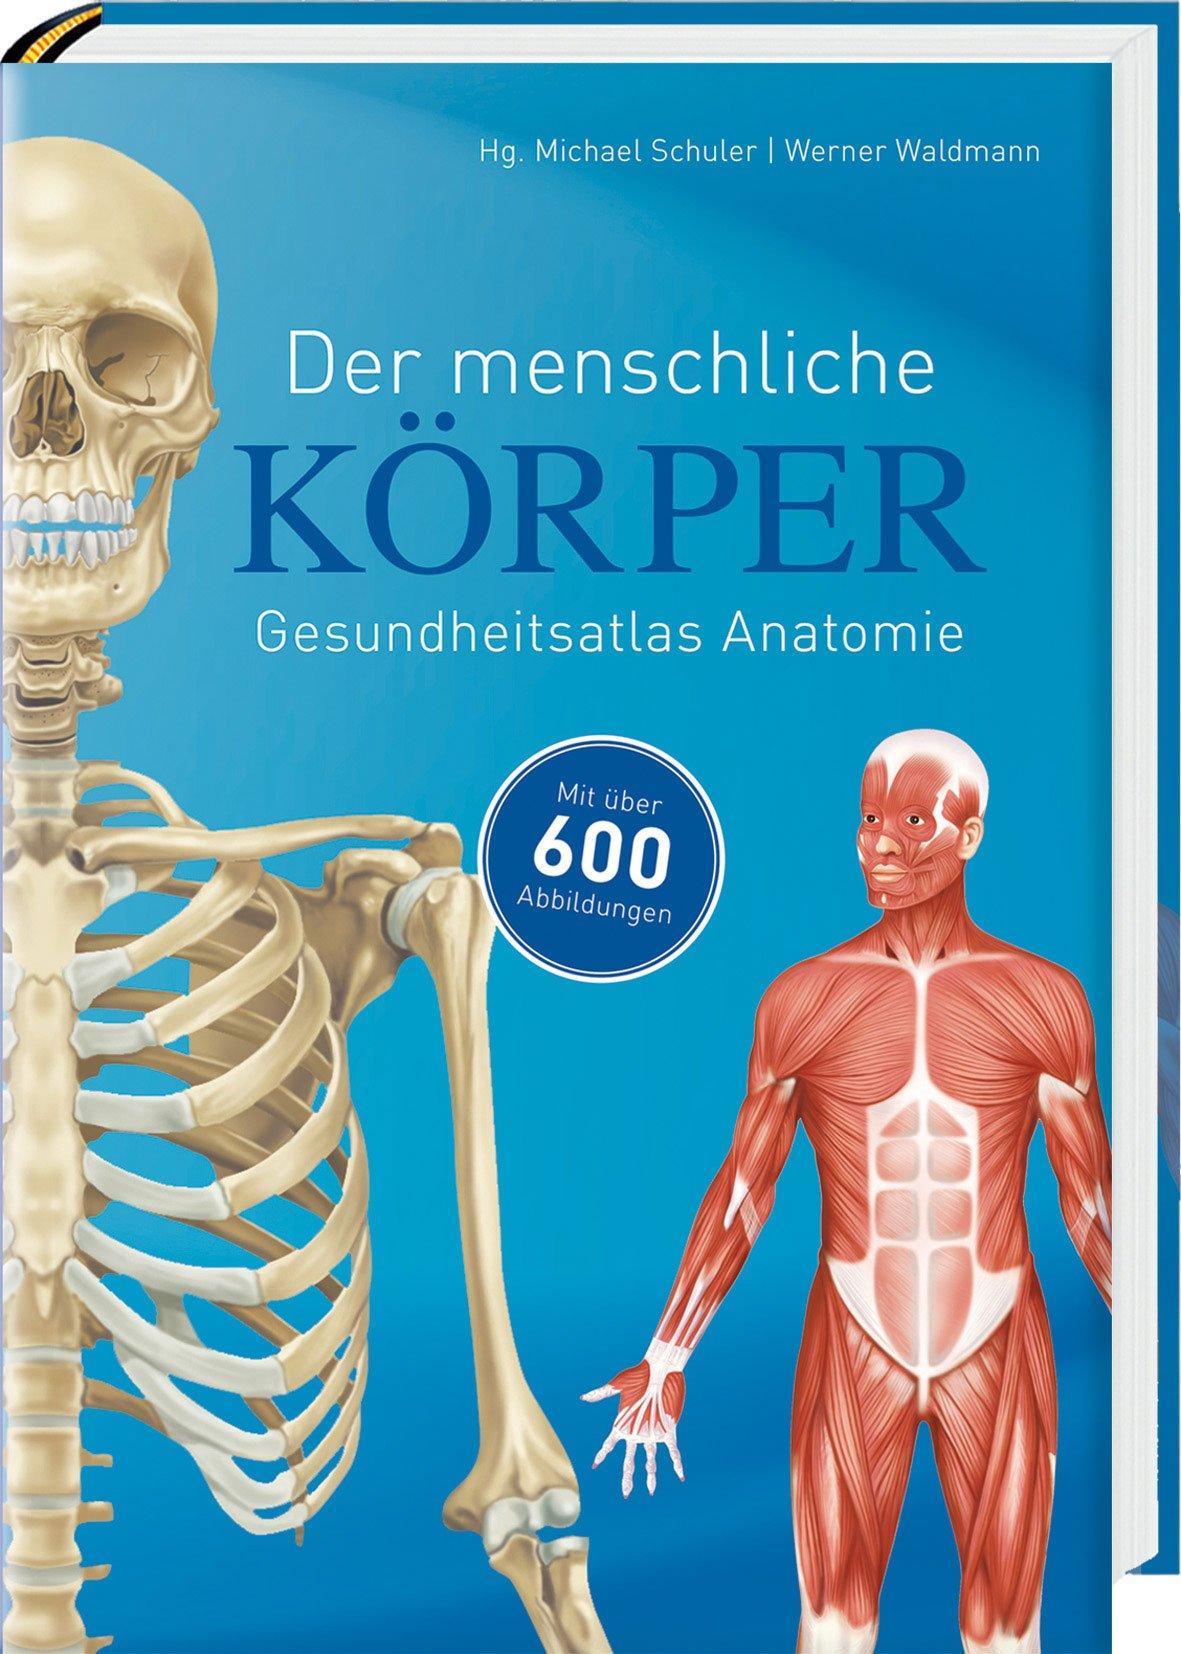 Der menschliche Körper: 9783869414959: Amazon.com: Books